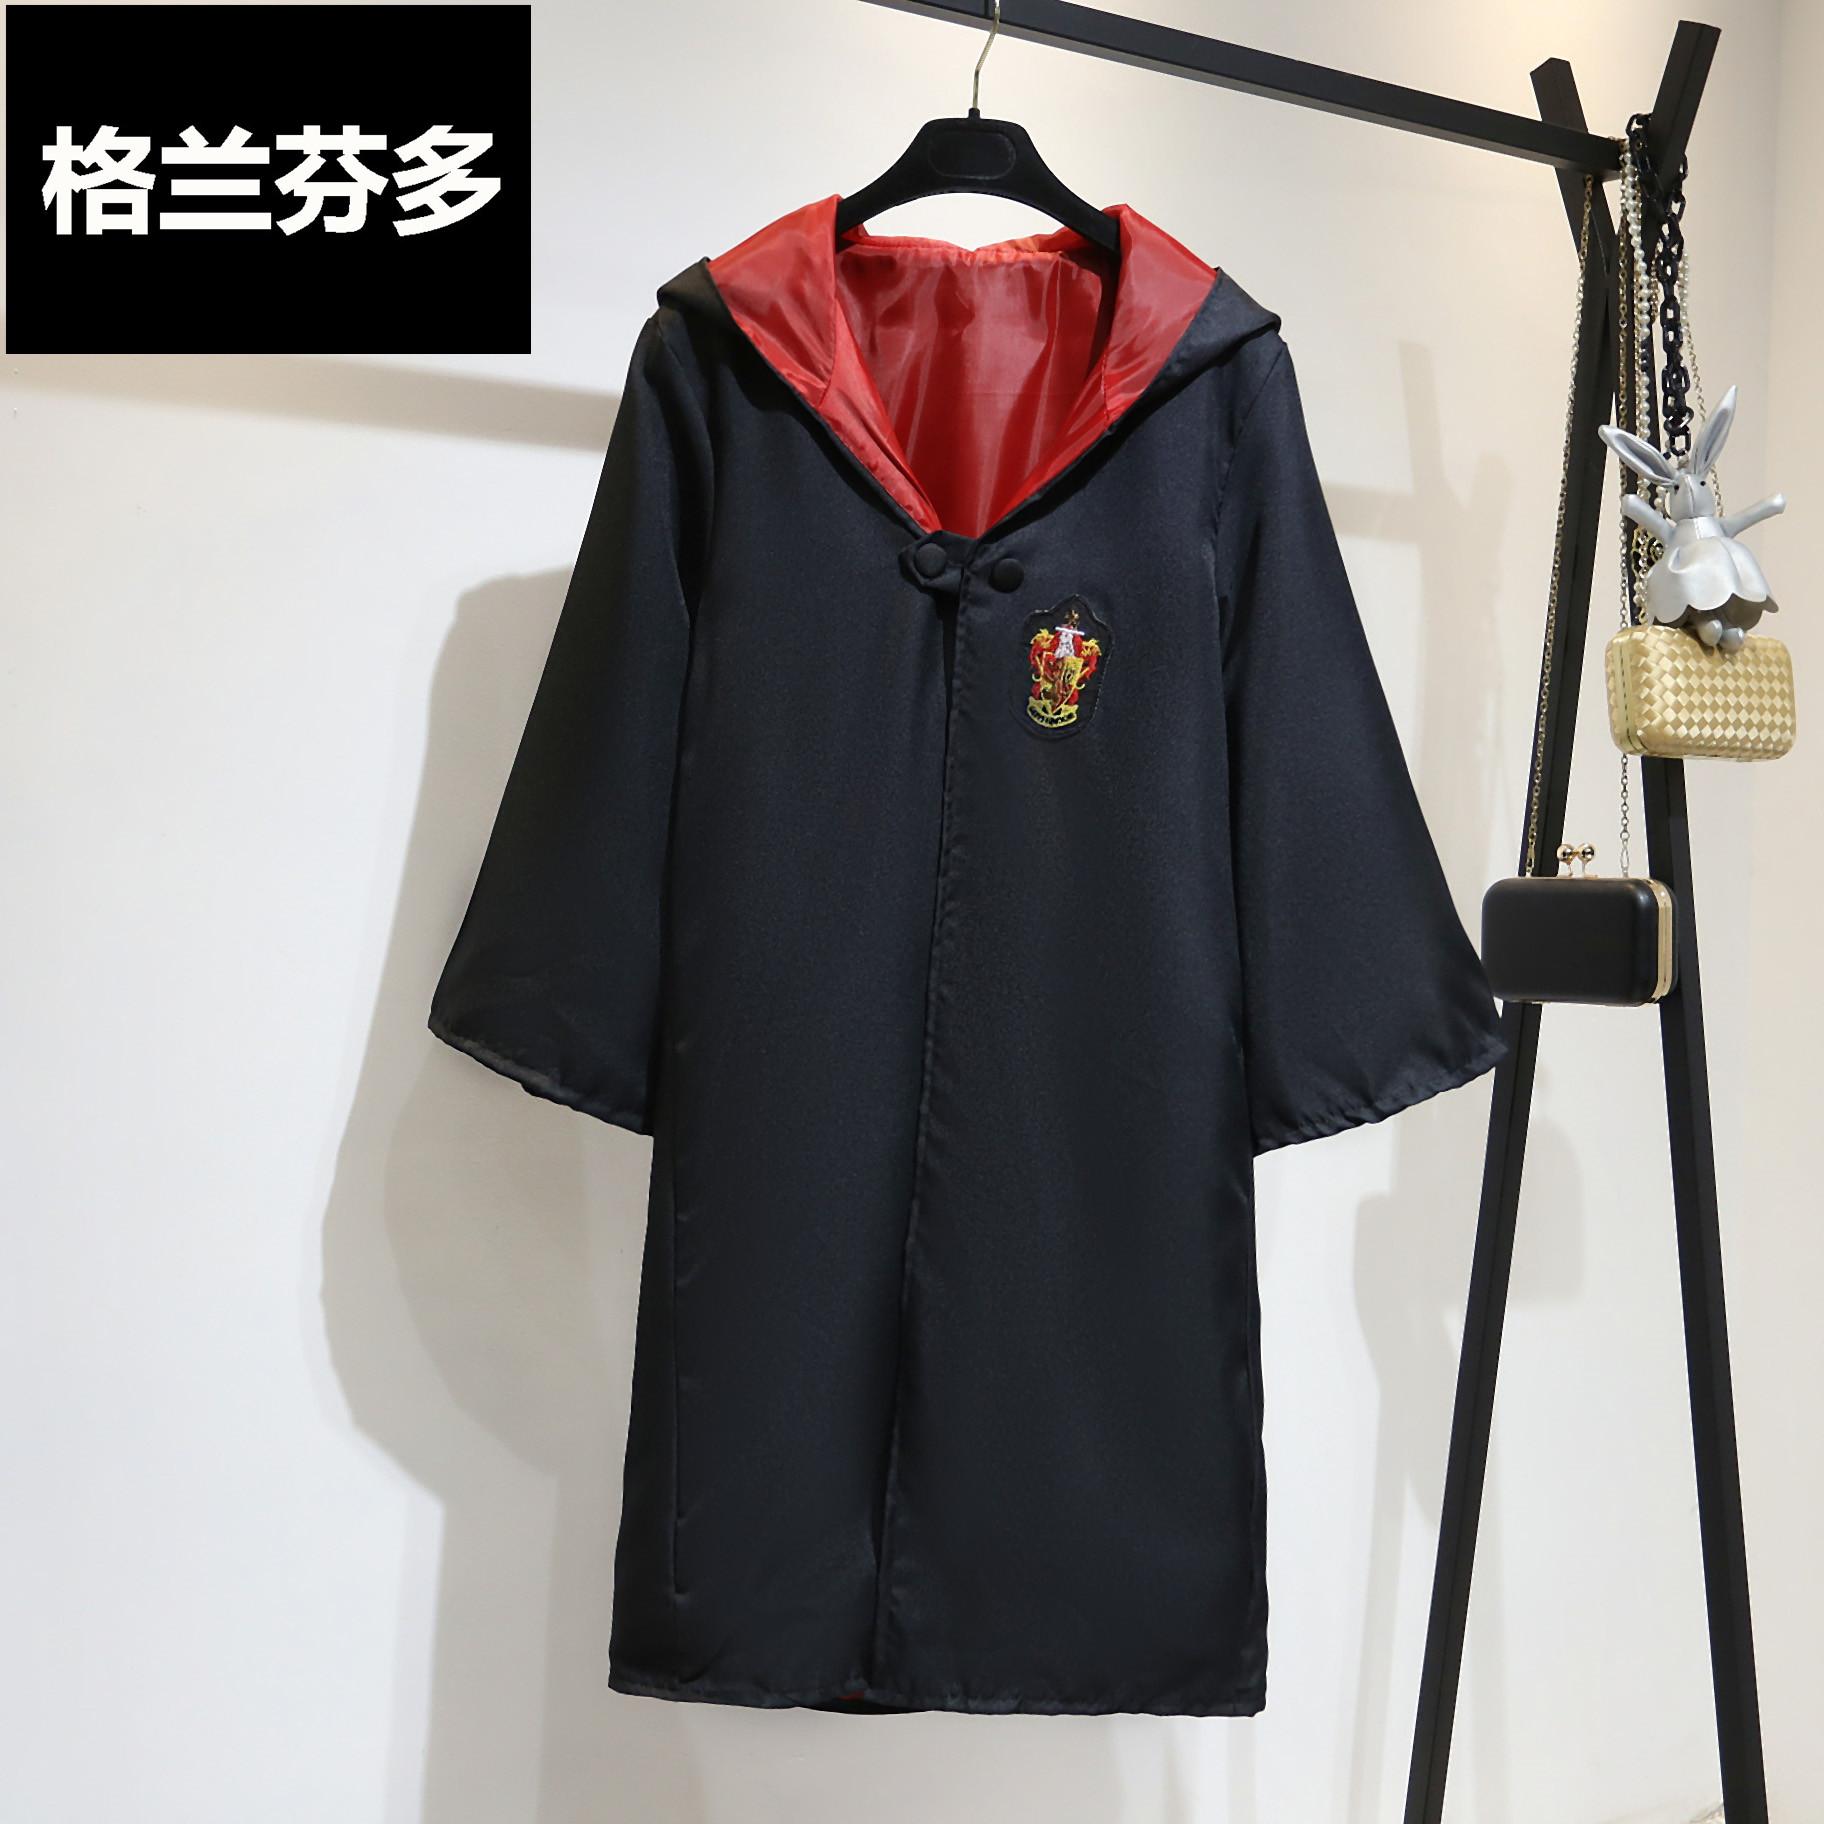 ハリーポッターのコスプレ衣装にローブのグラン・ヴィンチの衣装に魔法のローブのマント